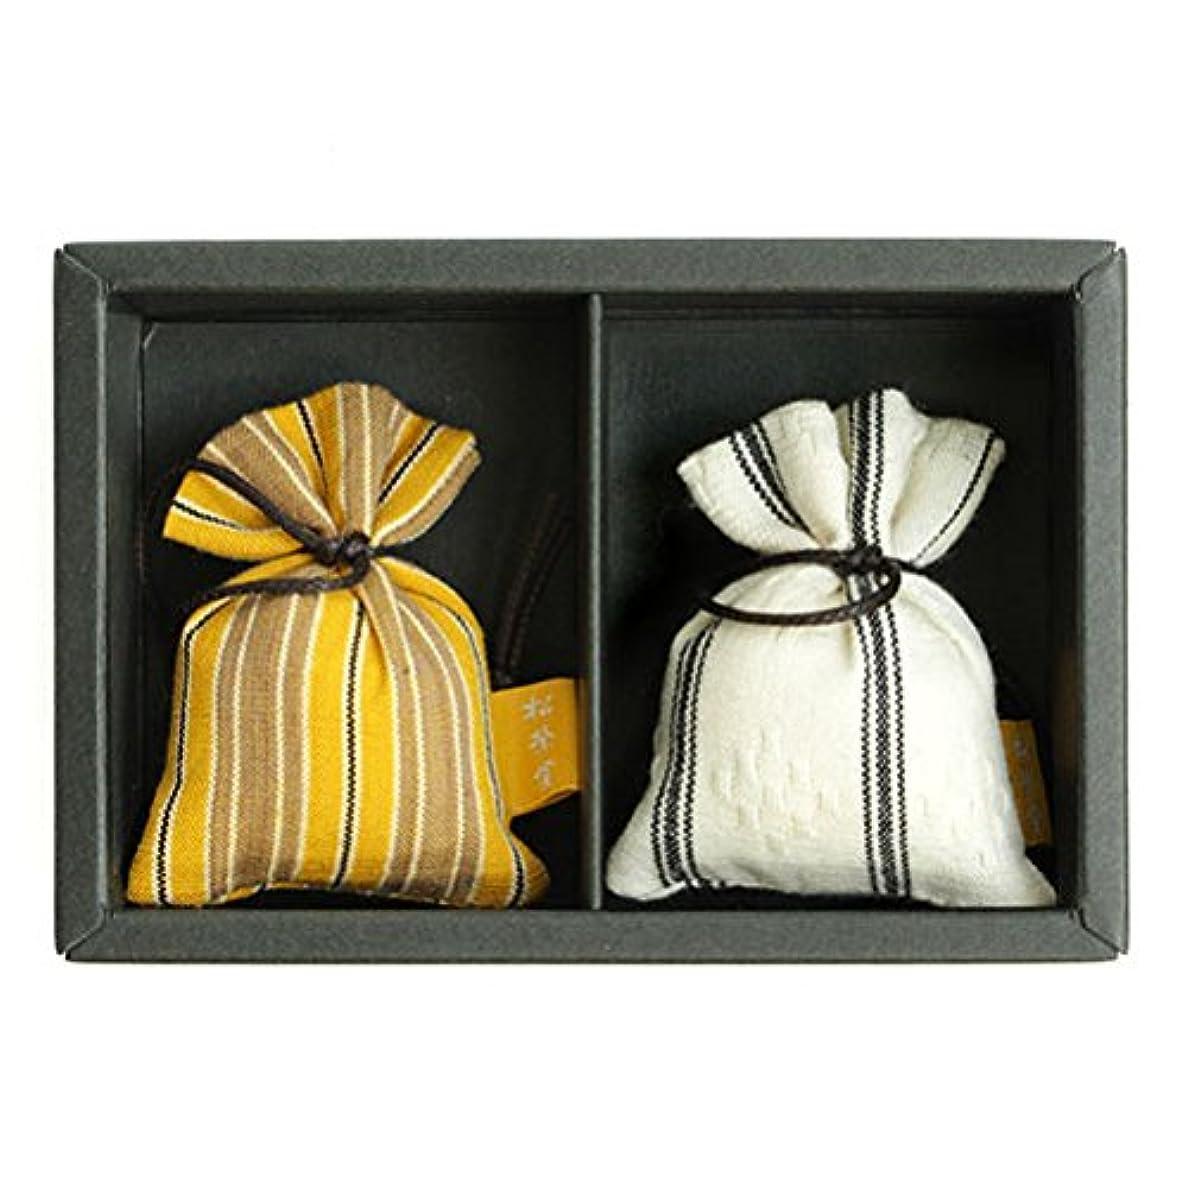 ソファー十二スキッパー匂い袋 誰が袖 ルリック(縞) 2個入 松栄堂 Shoyeido 本体長さ60mm (色?柄は選べません)